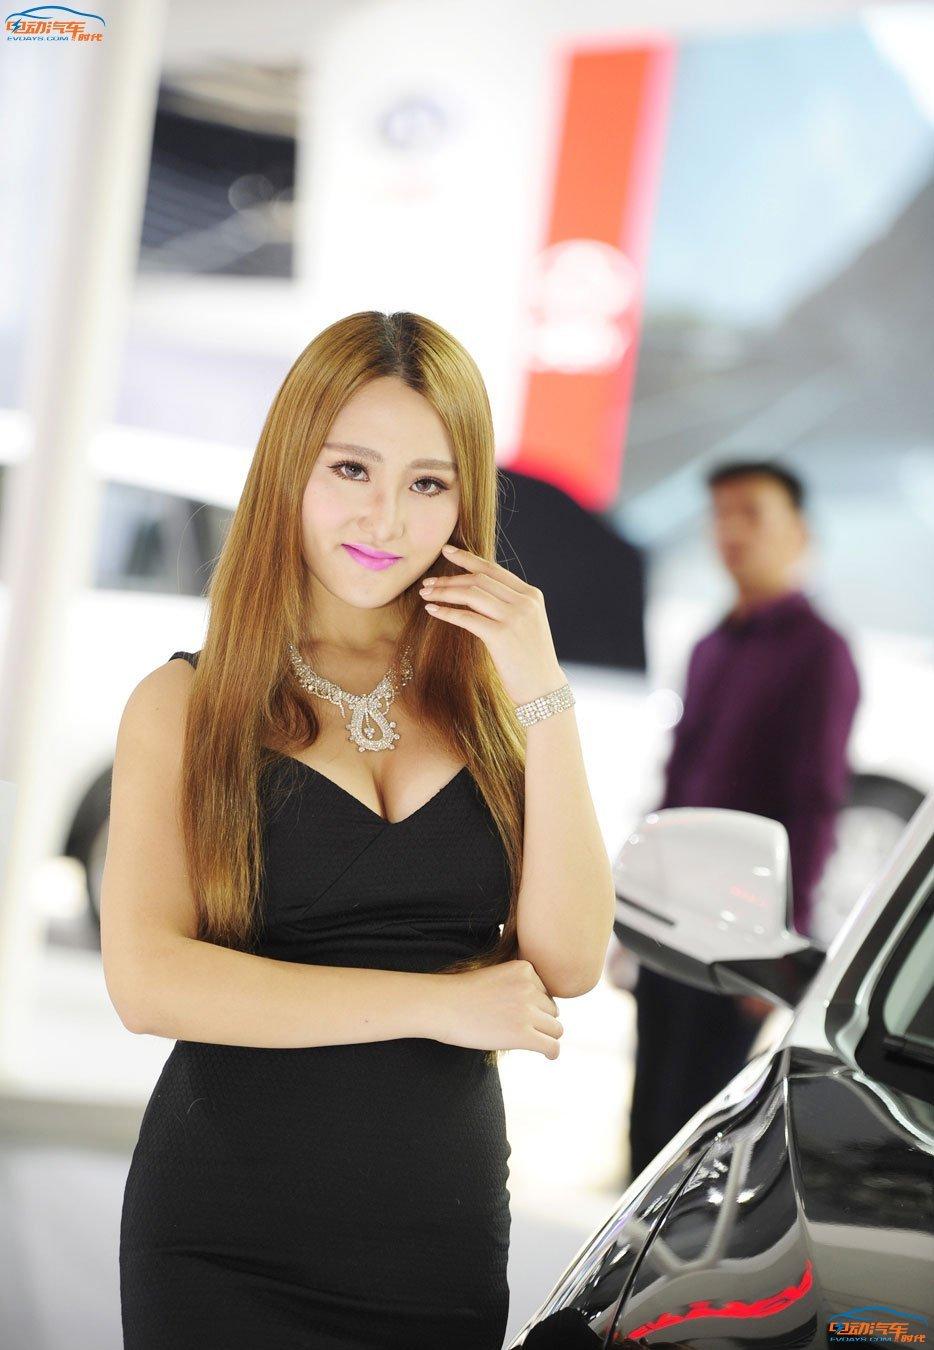 细数广州车展上那些胸狠的车模